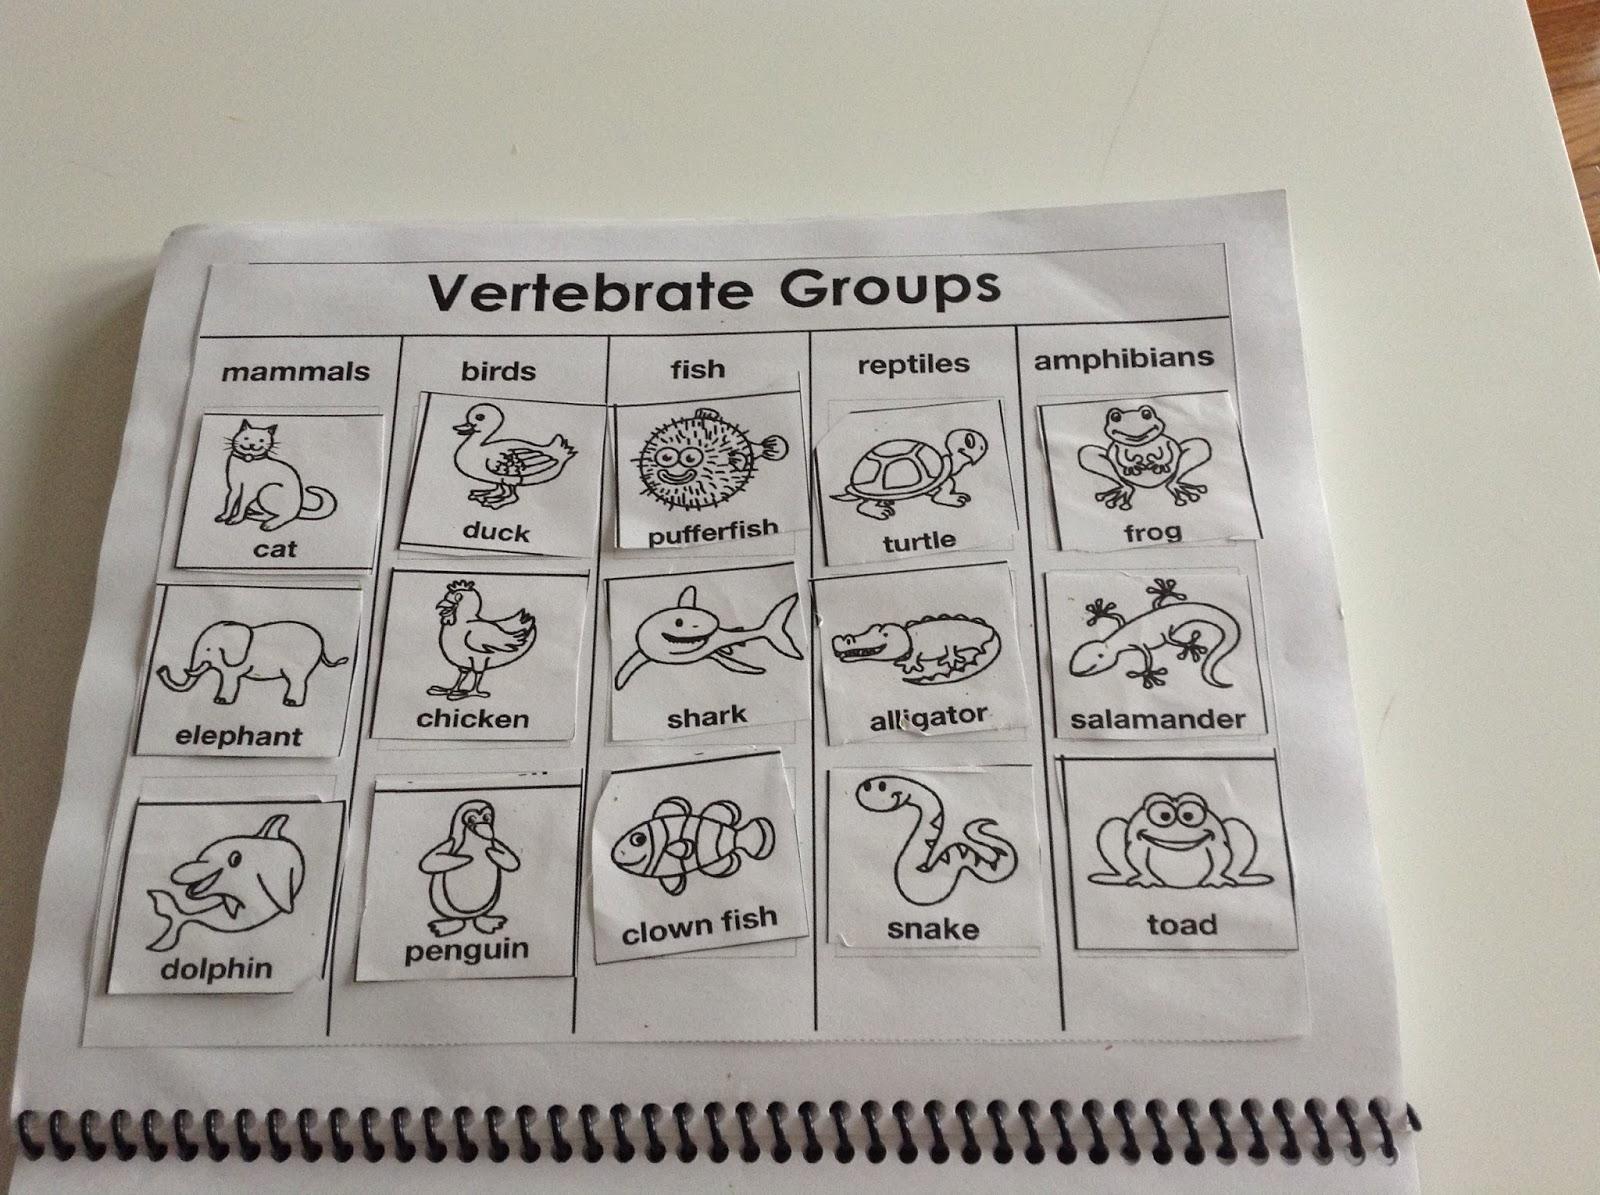 Invertebrate Vs Vertebrate Worksheets